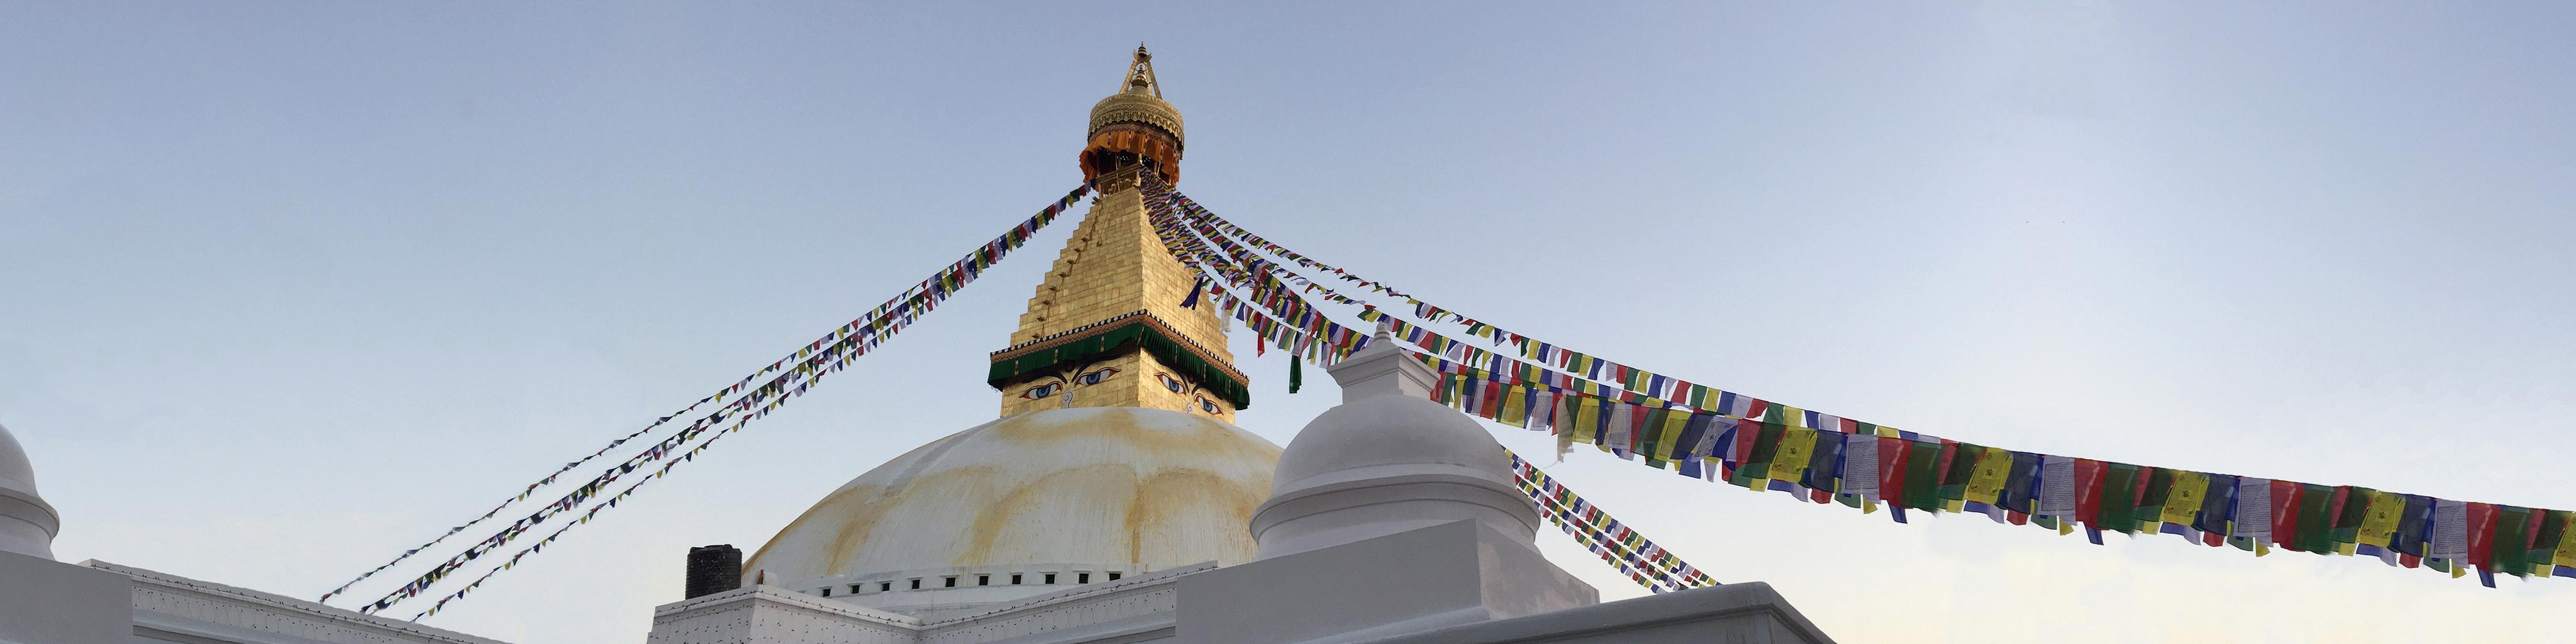 Nepal Ascending